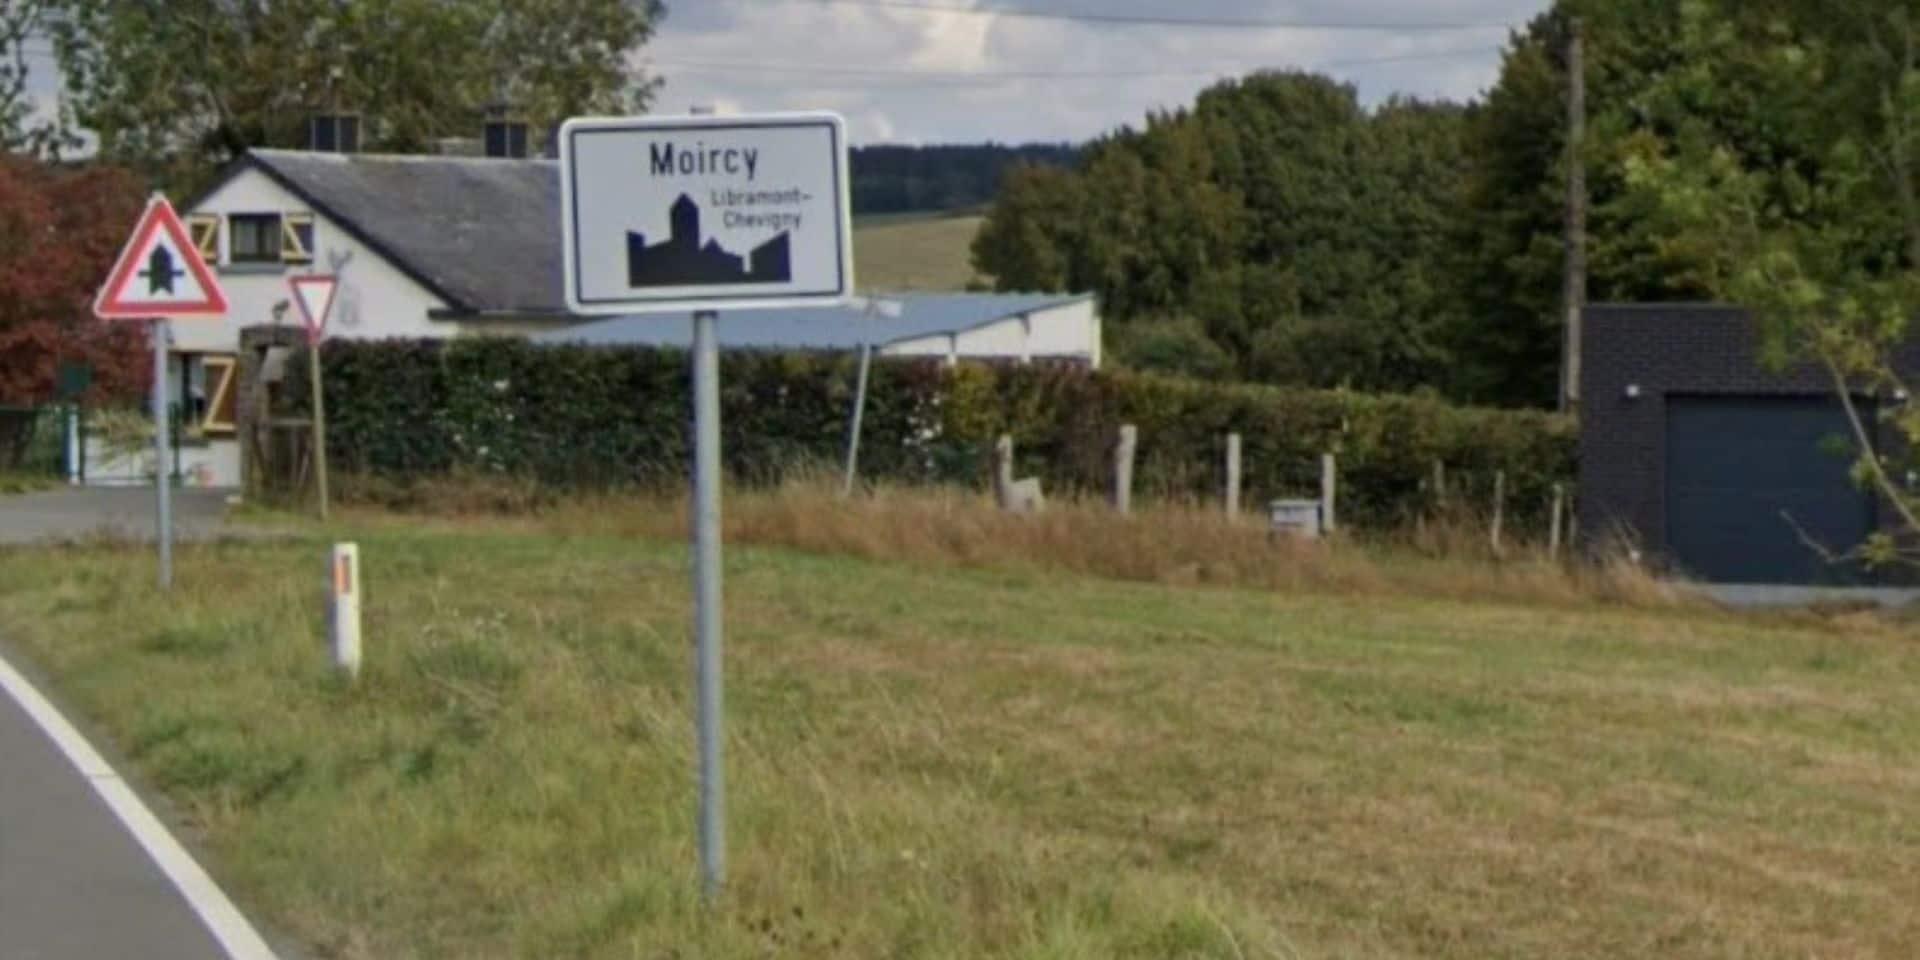 Accident de moto à Moircy (Libramont) : un blessé